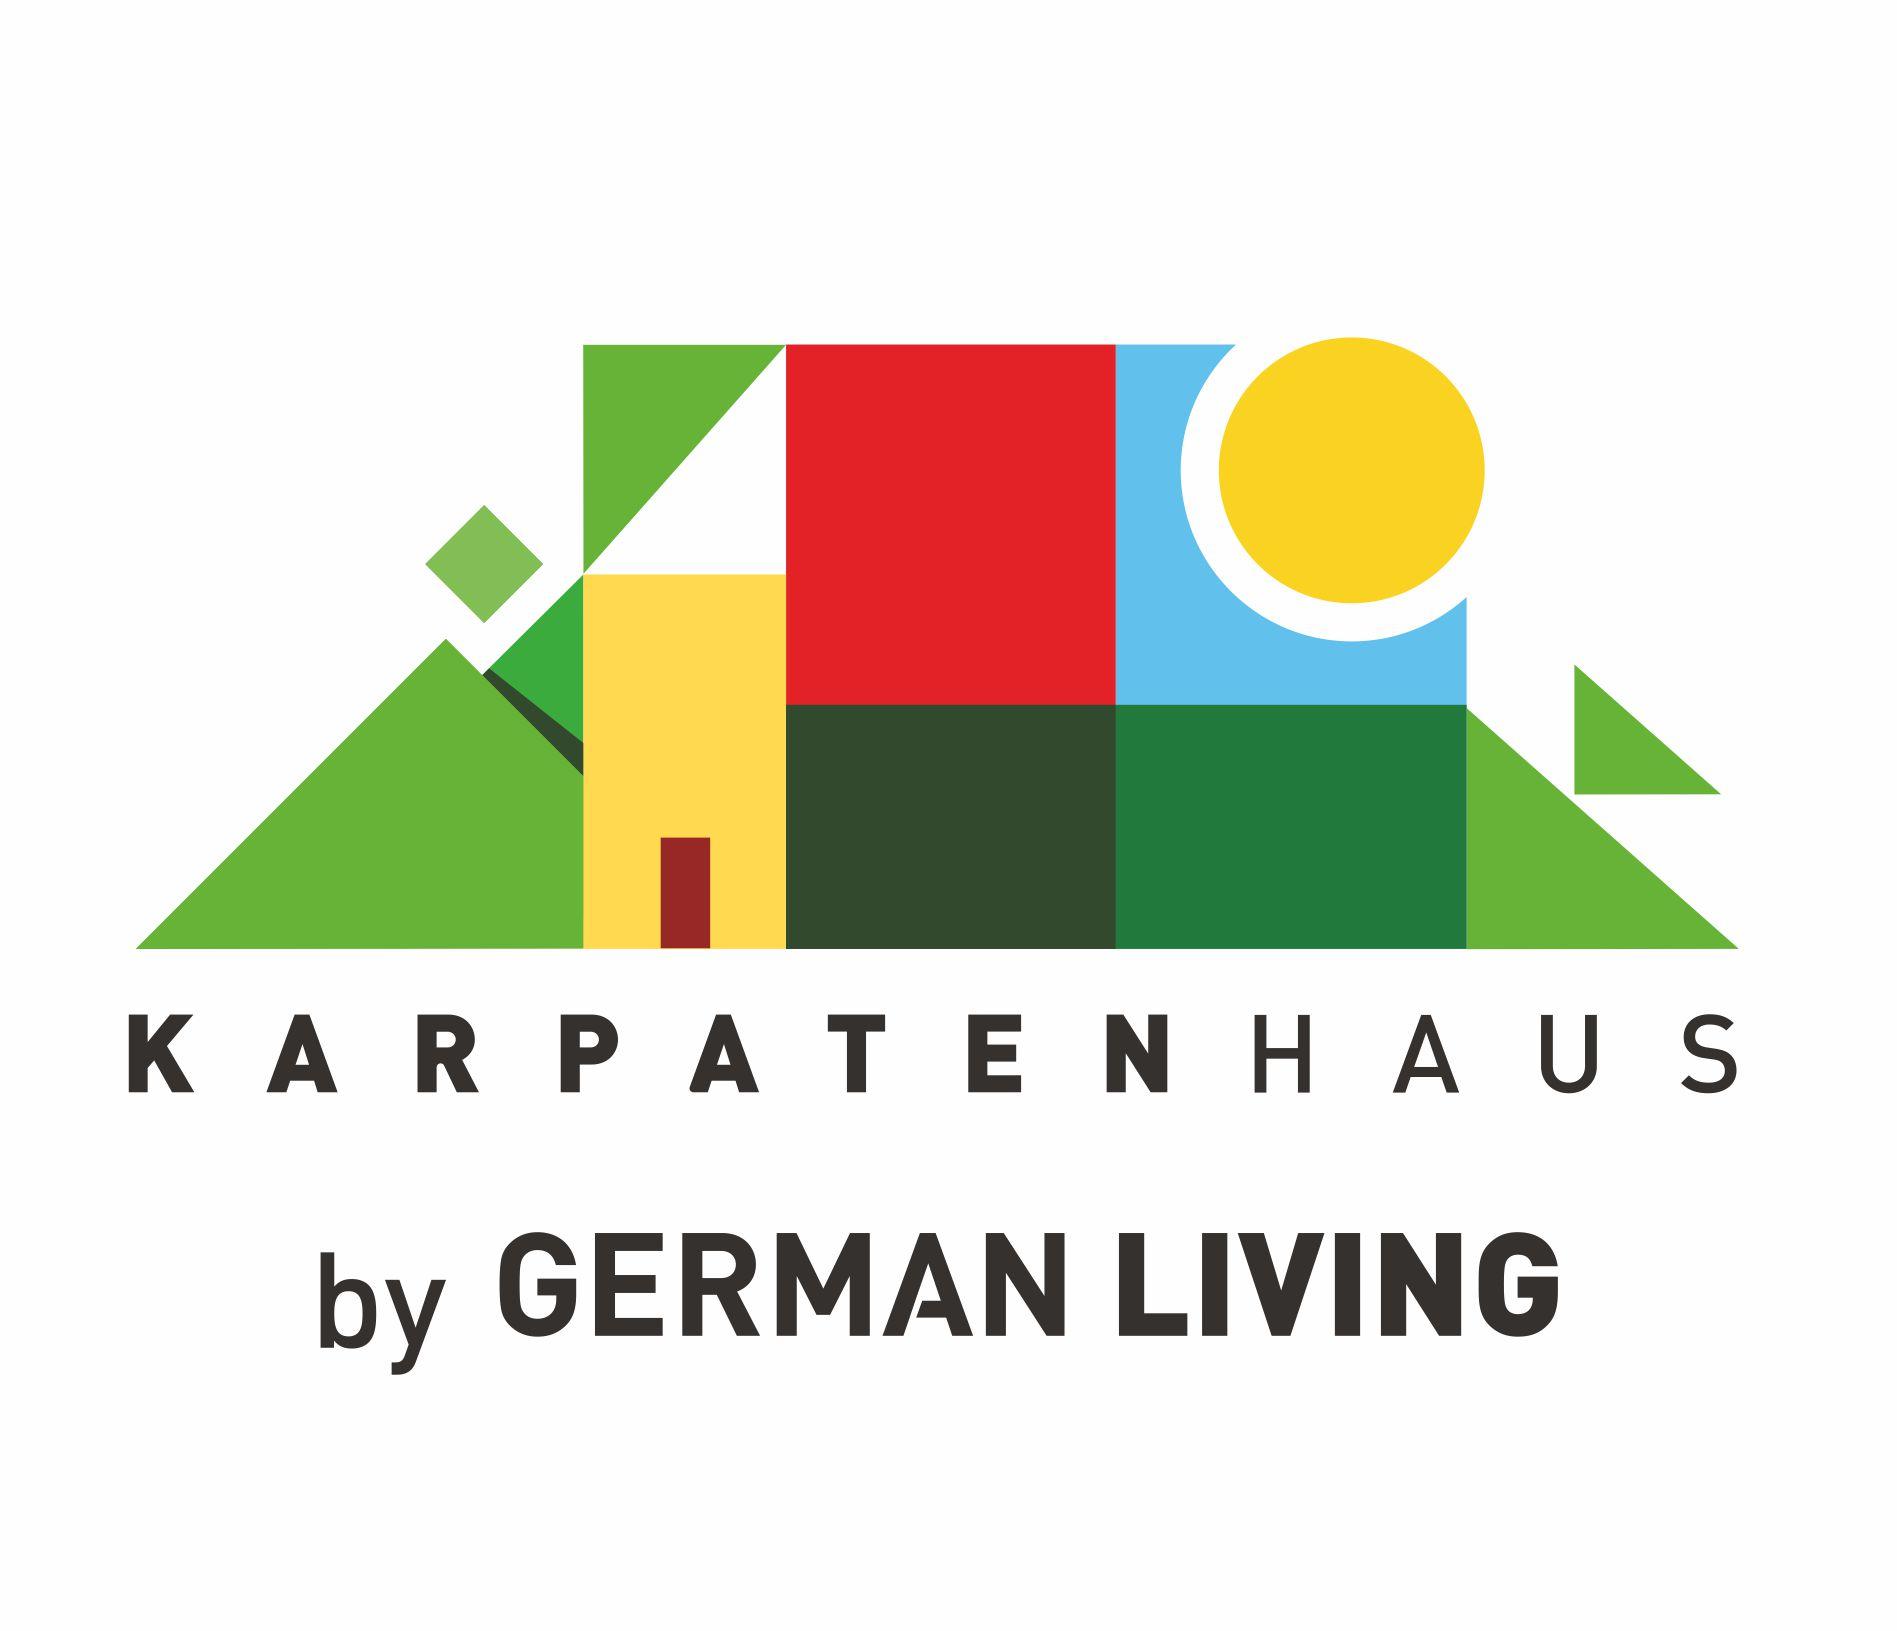 Karpatenhaus